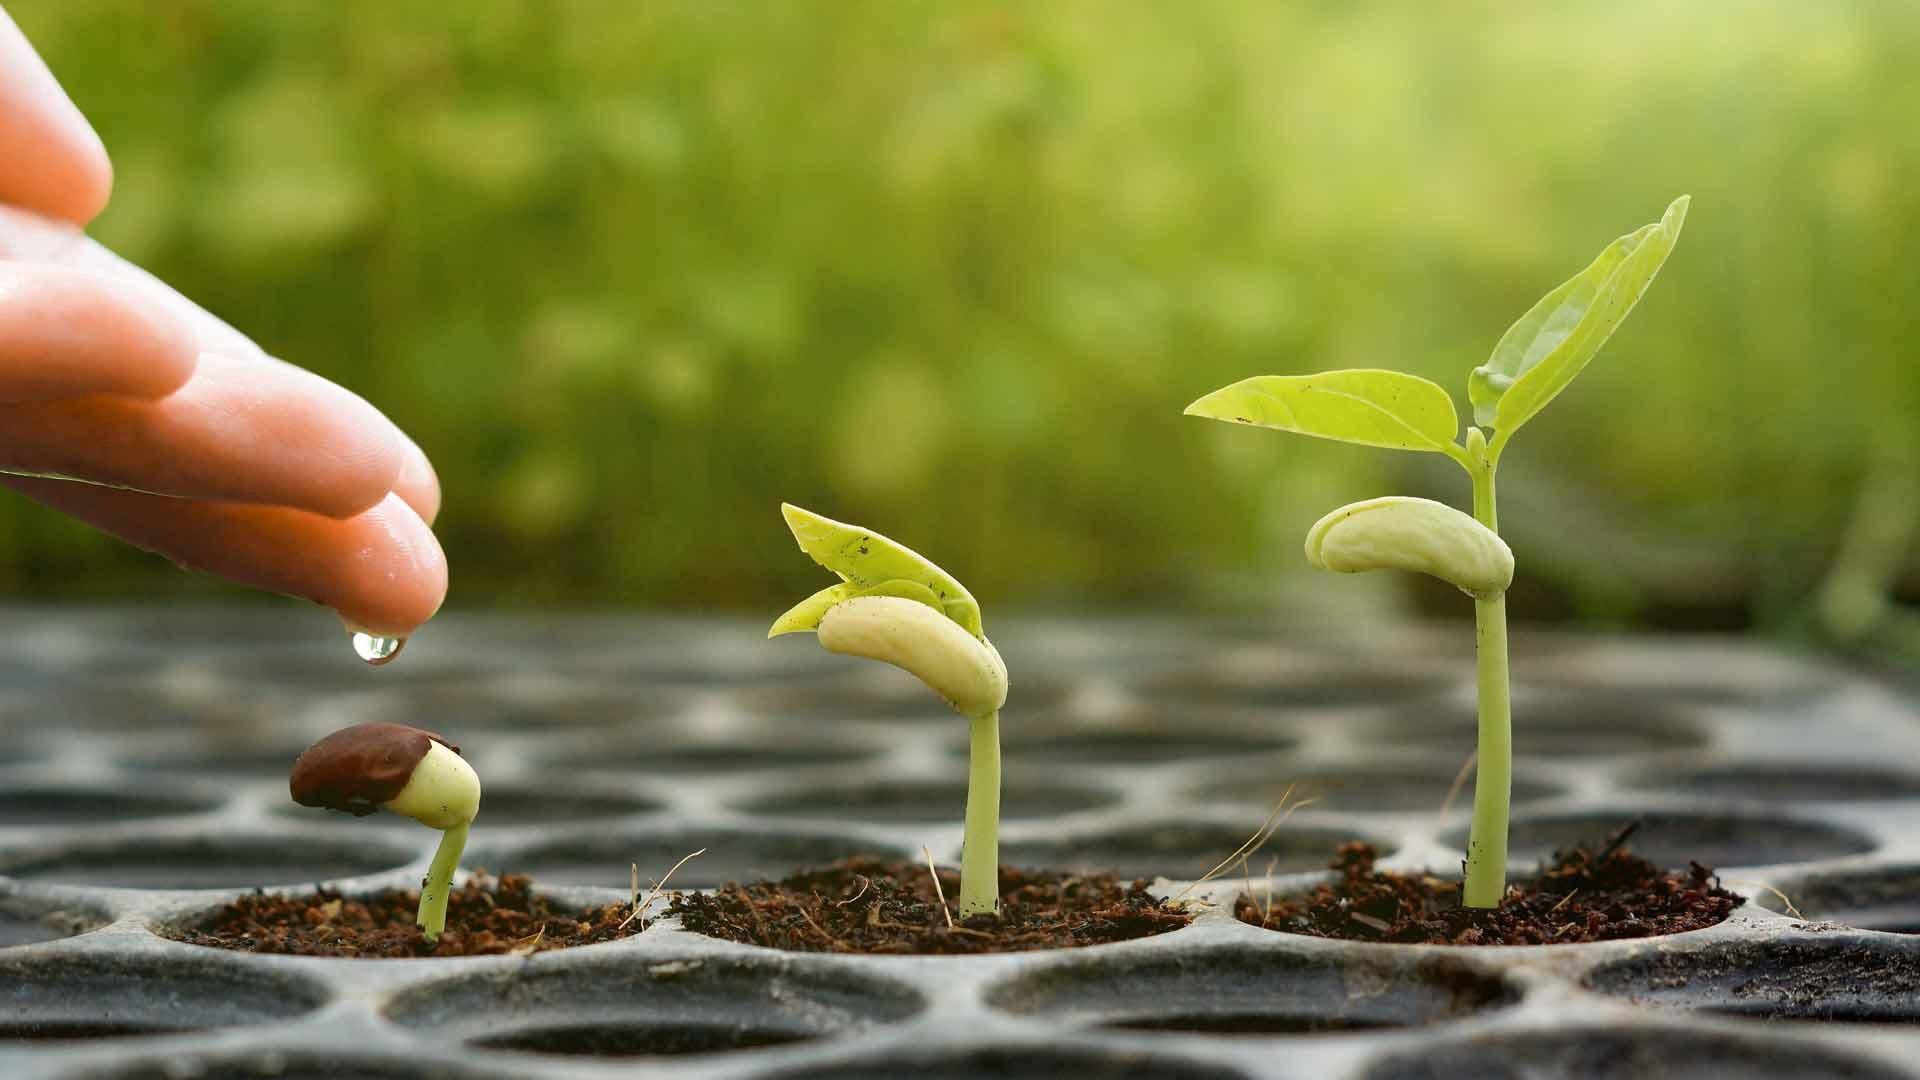 Хөрсний чийгшилтийг зохицуулна, хэмжээг хэтрүүлэн хэрэглэснээр ургамал, хөрсөнд ямарч муу нөлөөгүй